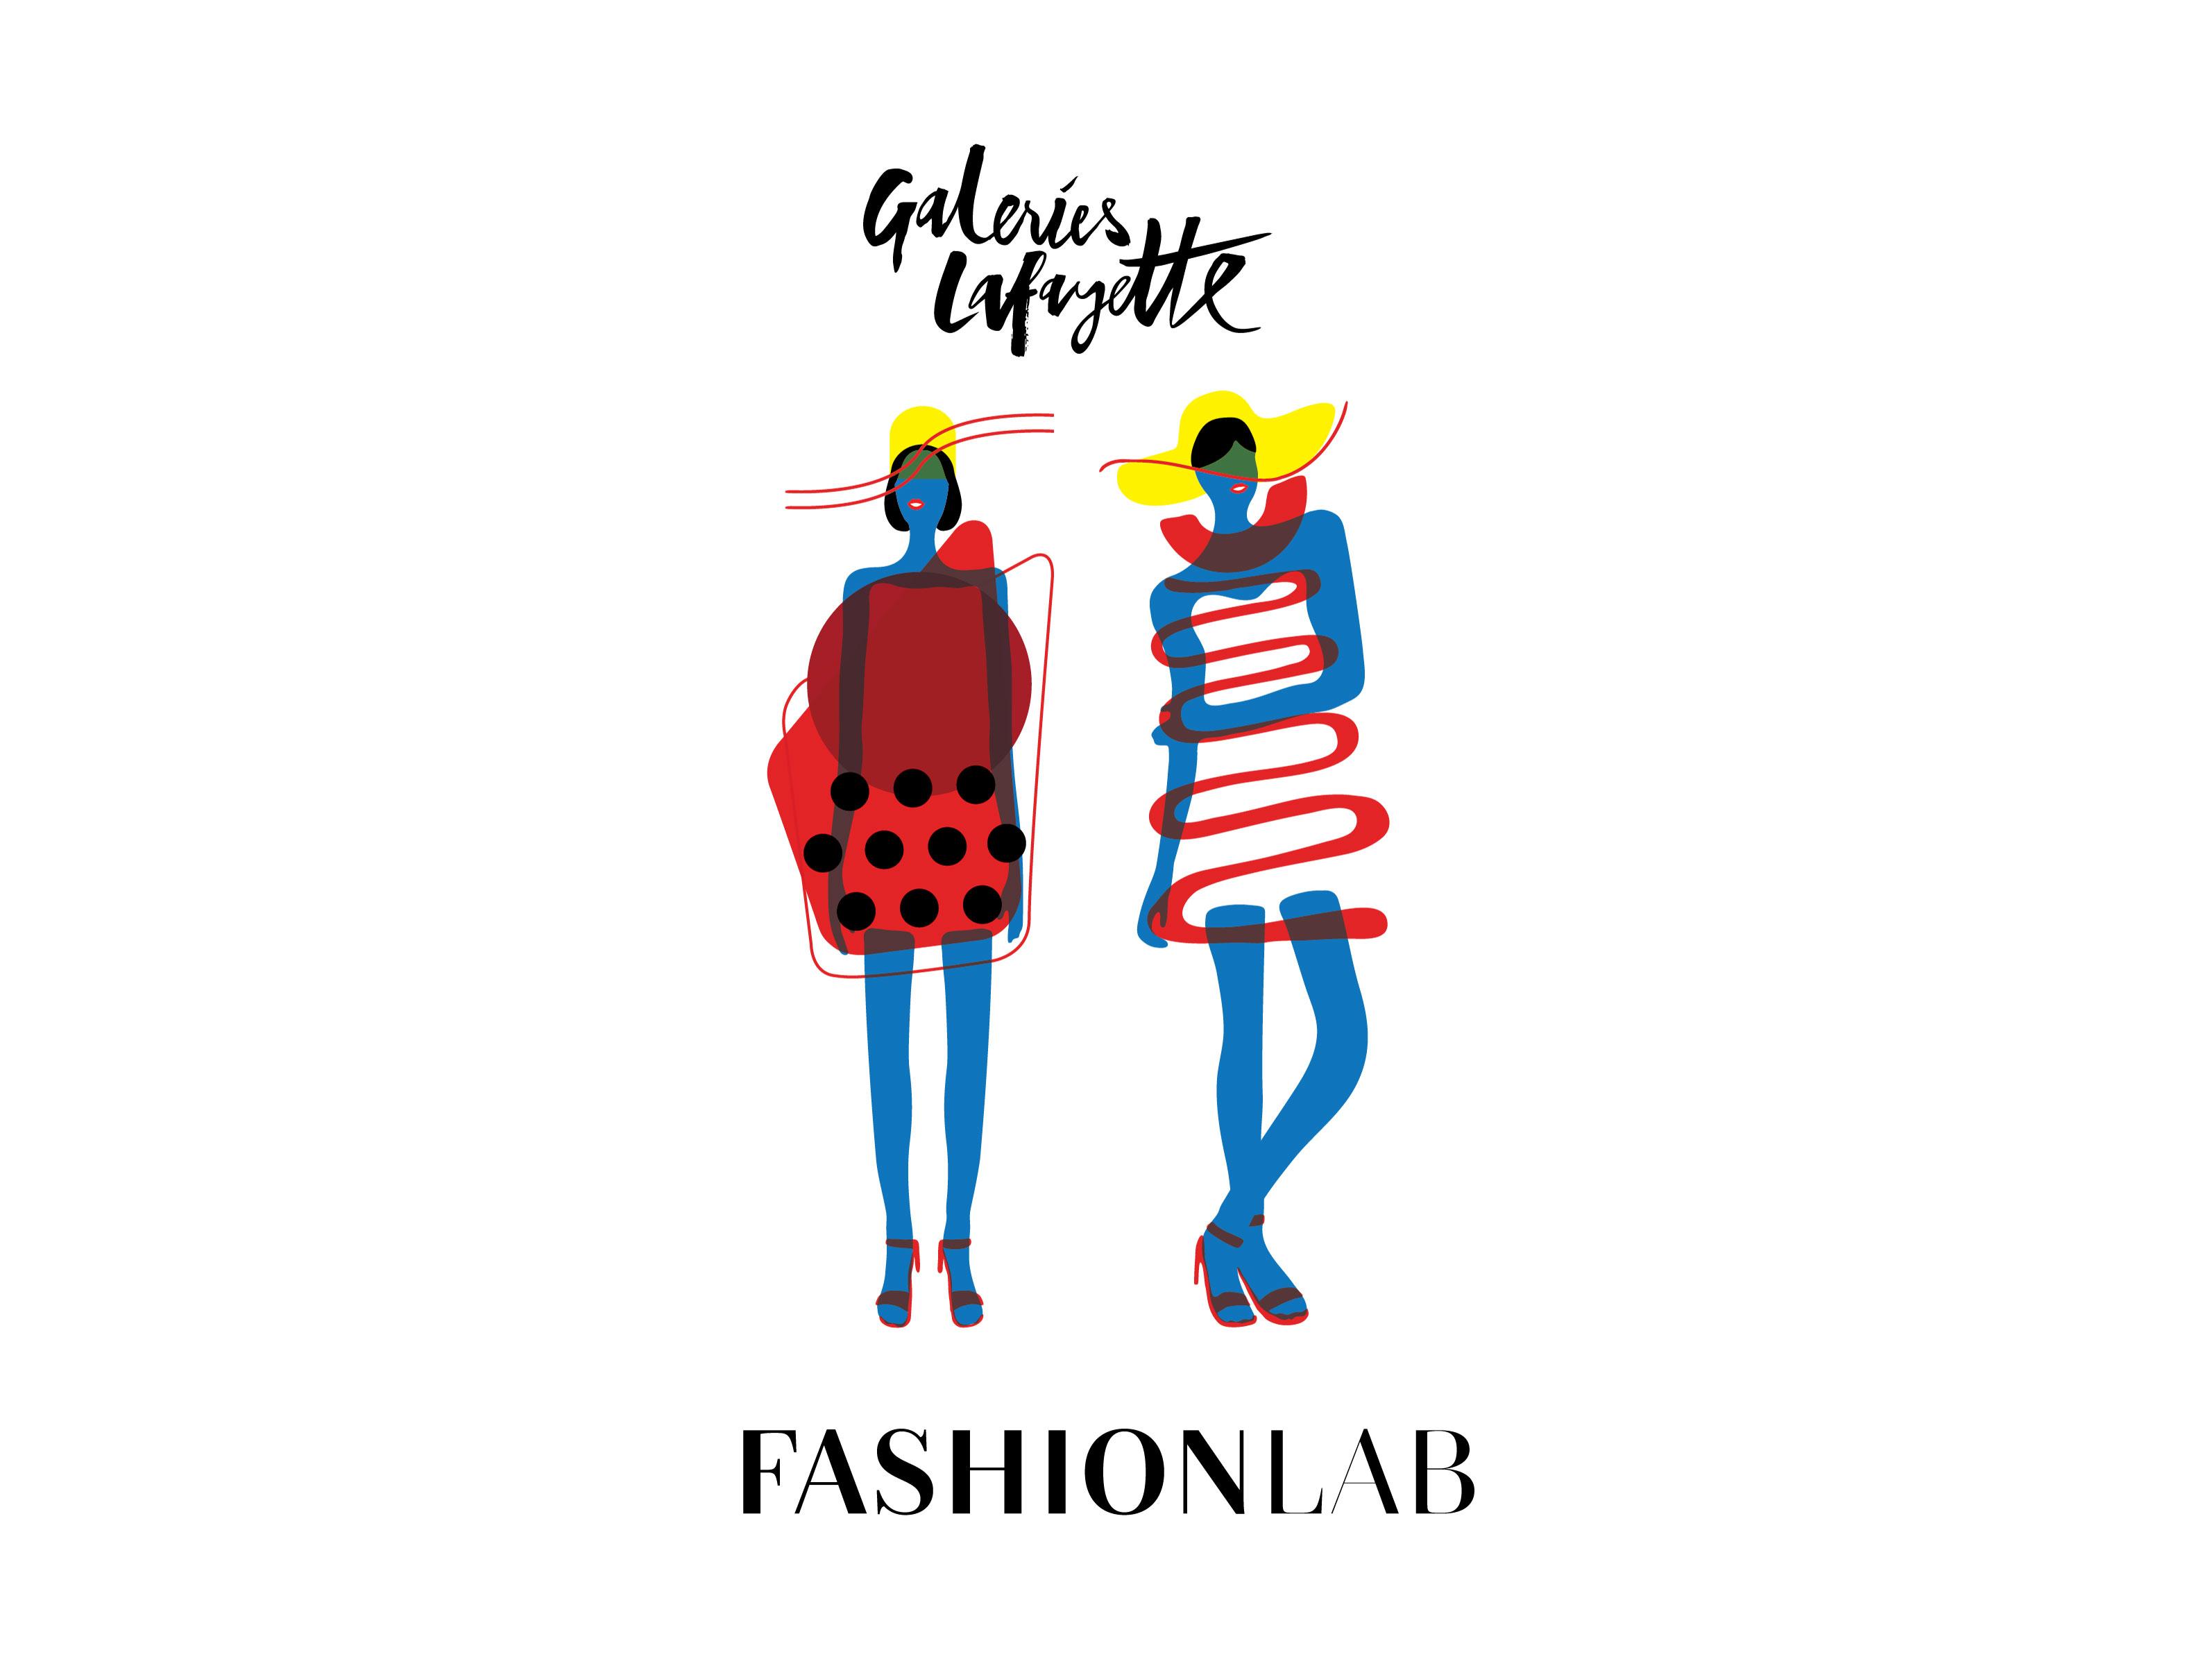 Fashion Lab Kembali Hadir di Galeries Lafayette Jakarta